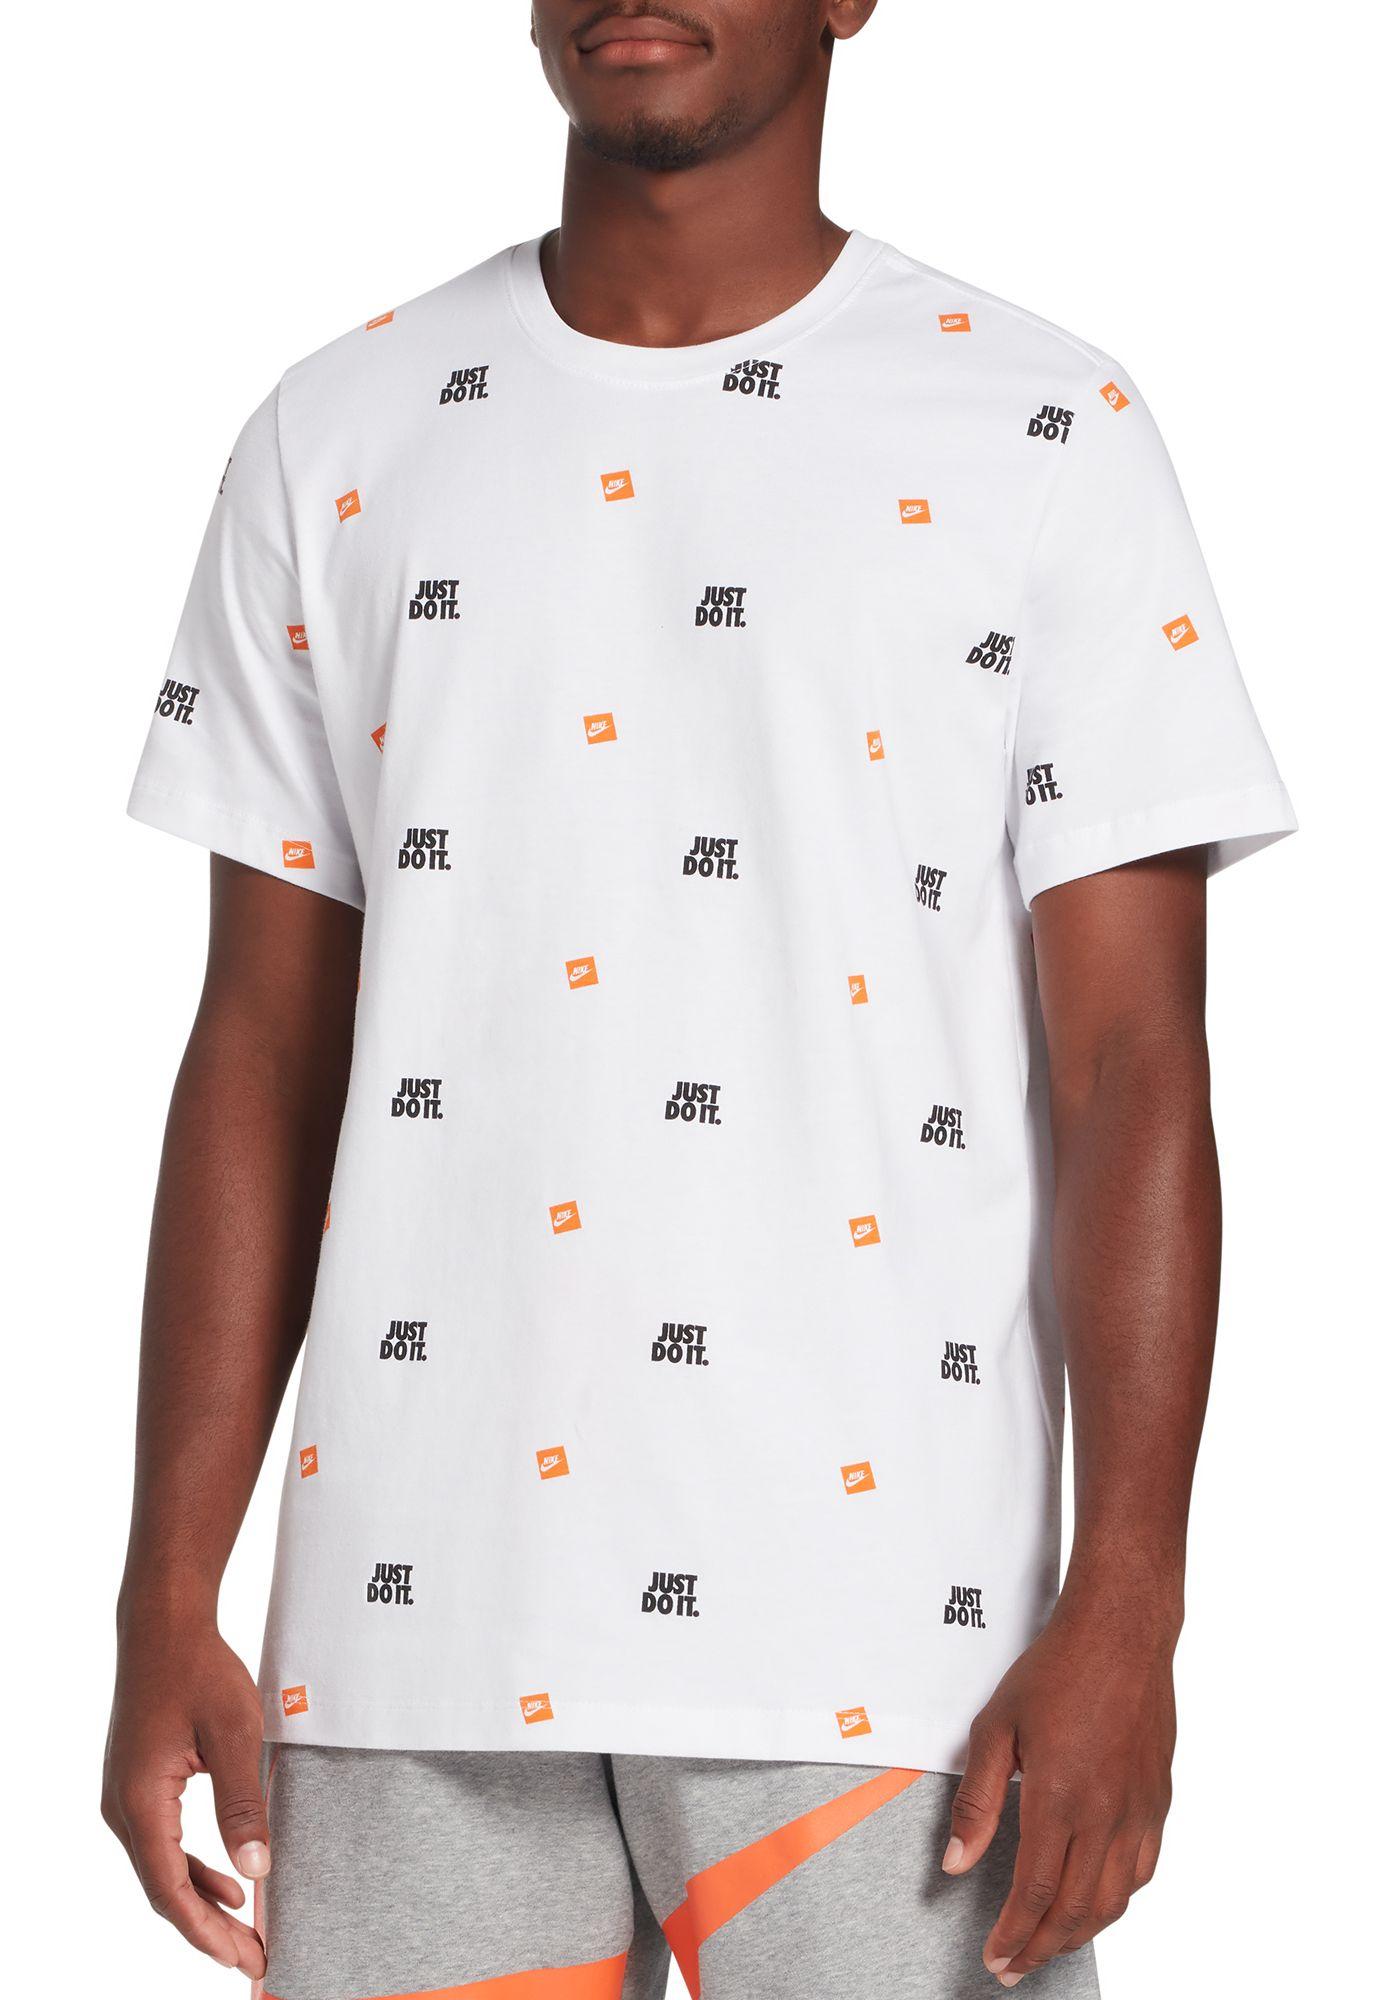 Nike Men's Sportswear Just Do It 4 Graphic Tee